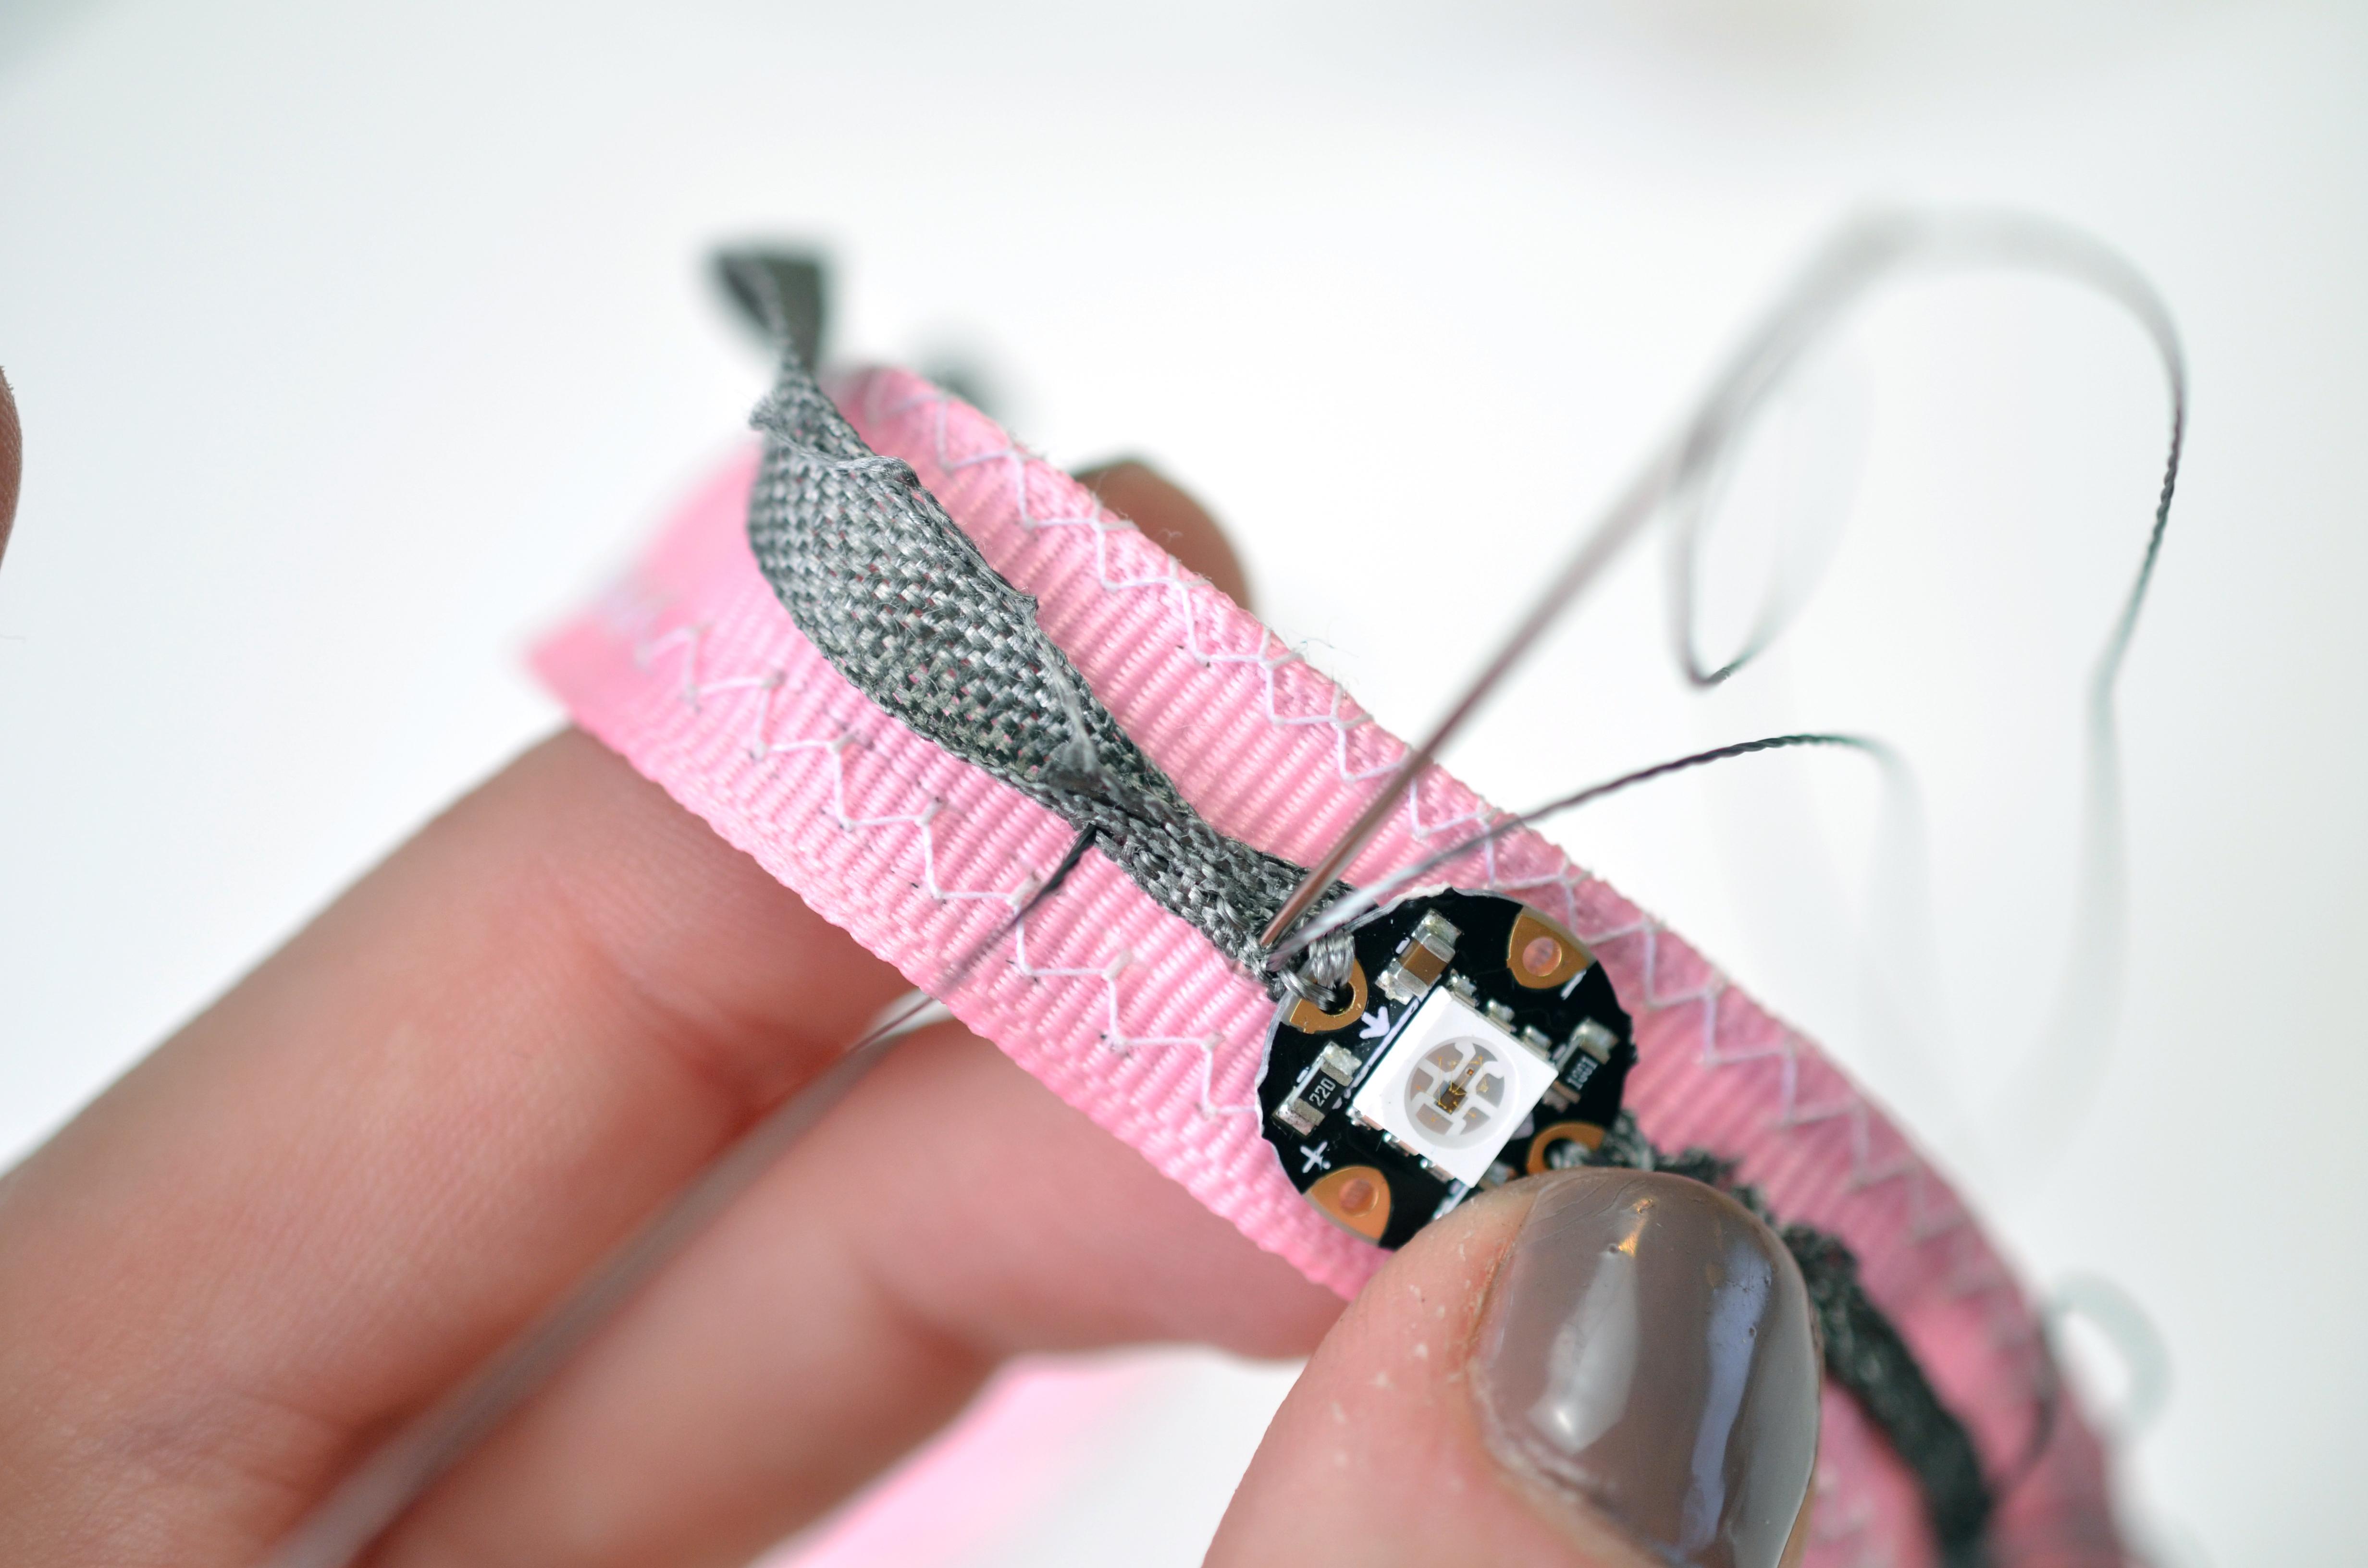 flora_chameleon-scarf-ribbon.jpg